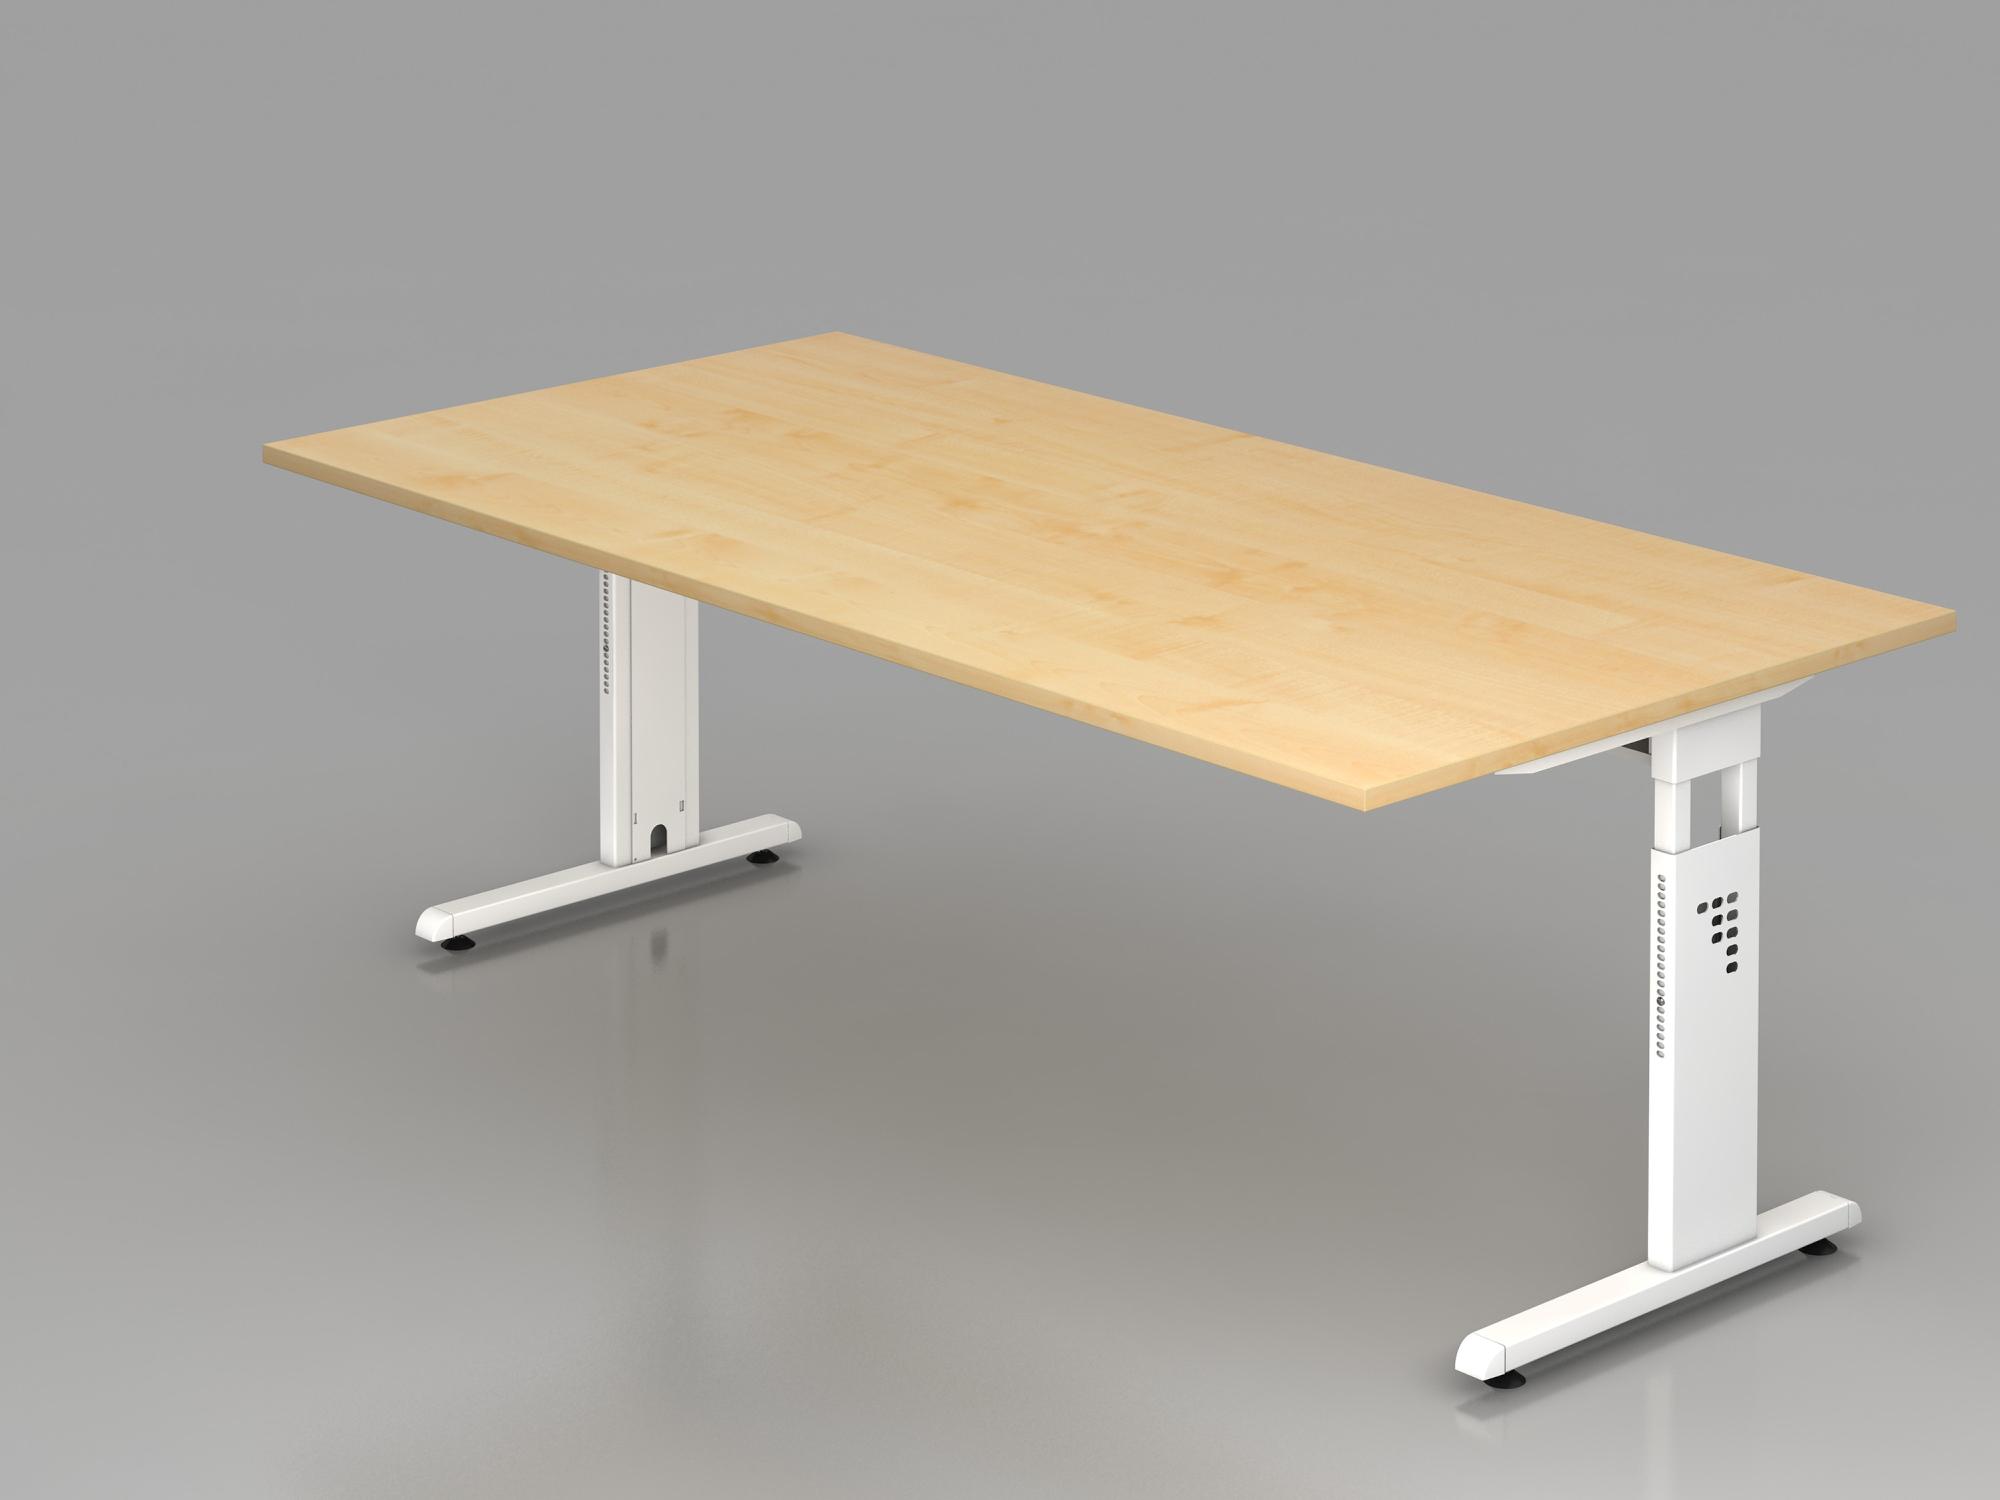 Schreibtisch C-Fuß 200x100cm Ahorn/Weiß